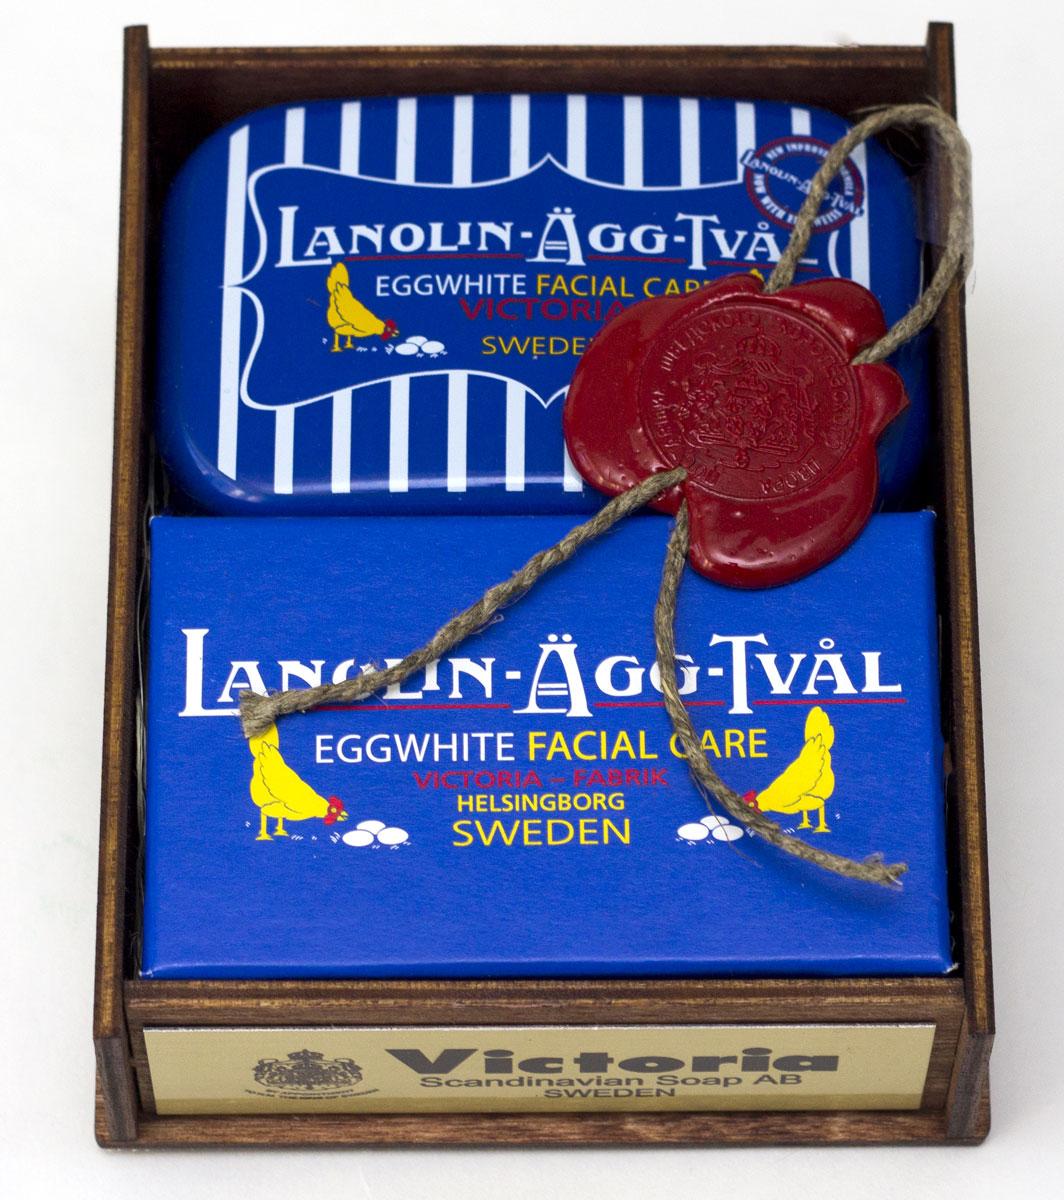 Victoria Soap Lanolin-Agg-Tval Набор Яичное мыло-маска, для всех типов кожи2410381. Мыло-маска Lanolin-Agg-Tval из яичного белка, созданное по старинному шведскому рецепту, передающееся из поколения в поколение. Уникальное средство превосходно очищает поры от загрязнений, сохраняя ее естественную увлажненность, за счет высокого содержания в нем компонентов натурального происхождения, таких как: ланолин, растительных масел Оливы и масло Ши. А входящий в состав мыло-маски Lanolin-Agg-Tval яичный белок и розовая вода ухаживают за вашей кожей, делая цвет лица более ровным и красивым. Подходит для ежедневного использования, а также в качестве маски для более глубокого очищения 1-2 раза в неделю для всех типов кожи. 2. Мыльница LANOLIN-AGG-TVAL Размер: 84х54х31,5 мм 3. Деревянный корф цвета ореха